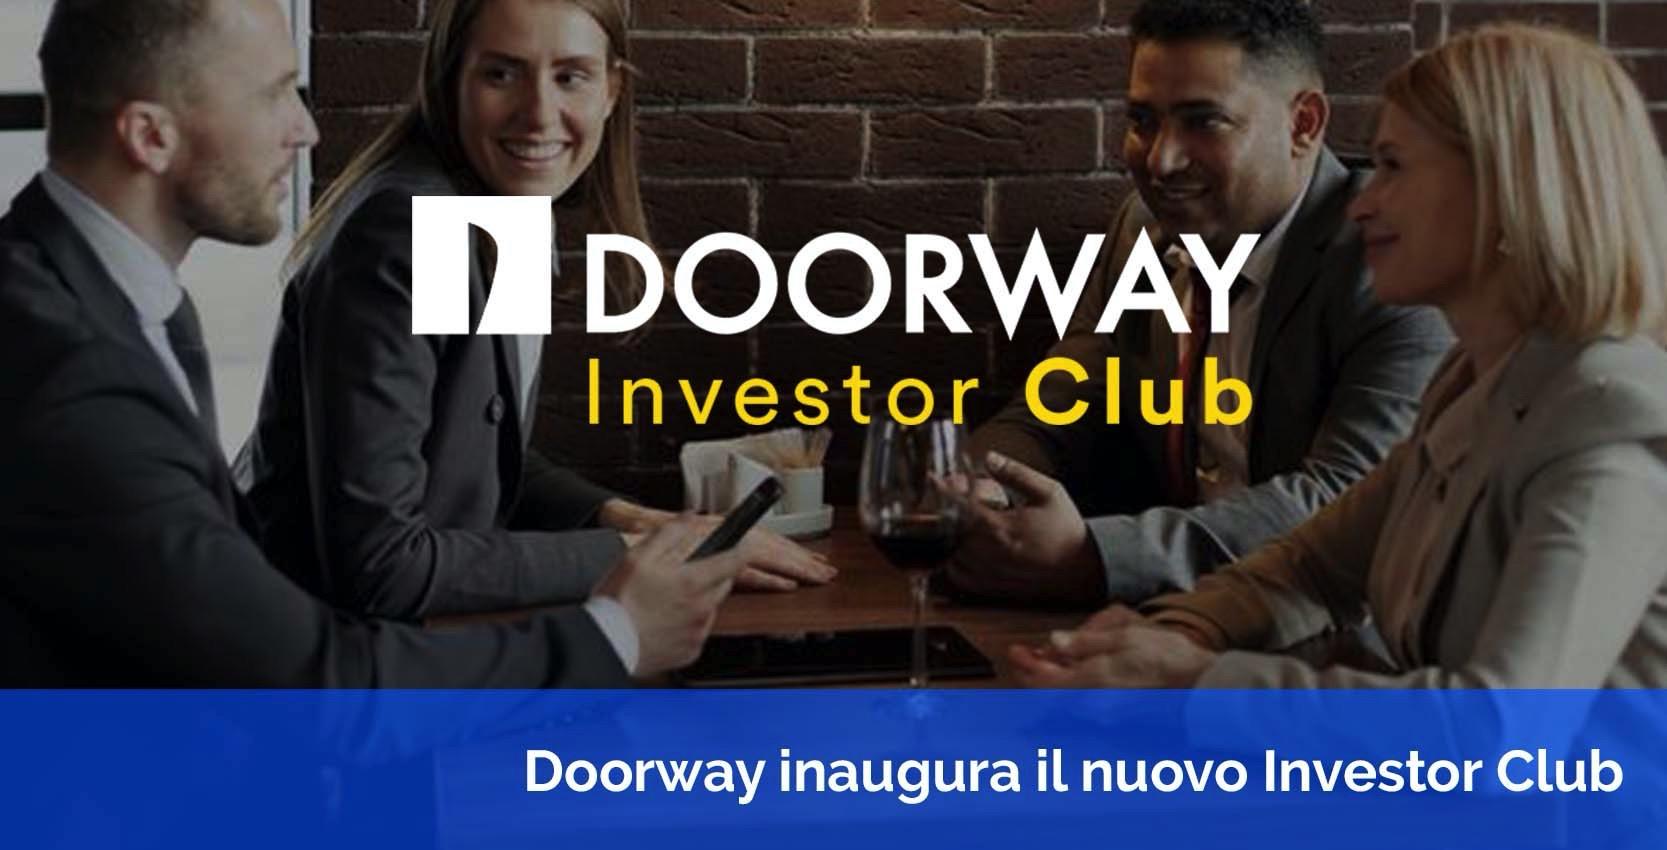 Doorway inaugura il nuovo Investo Club